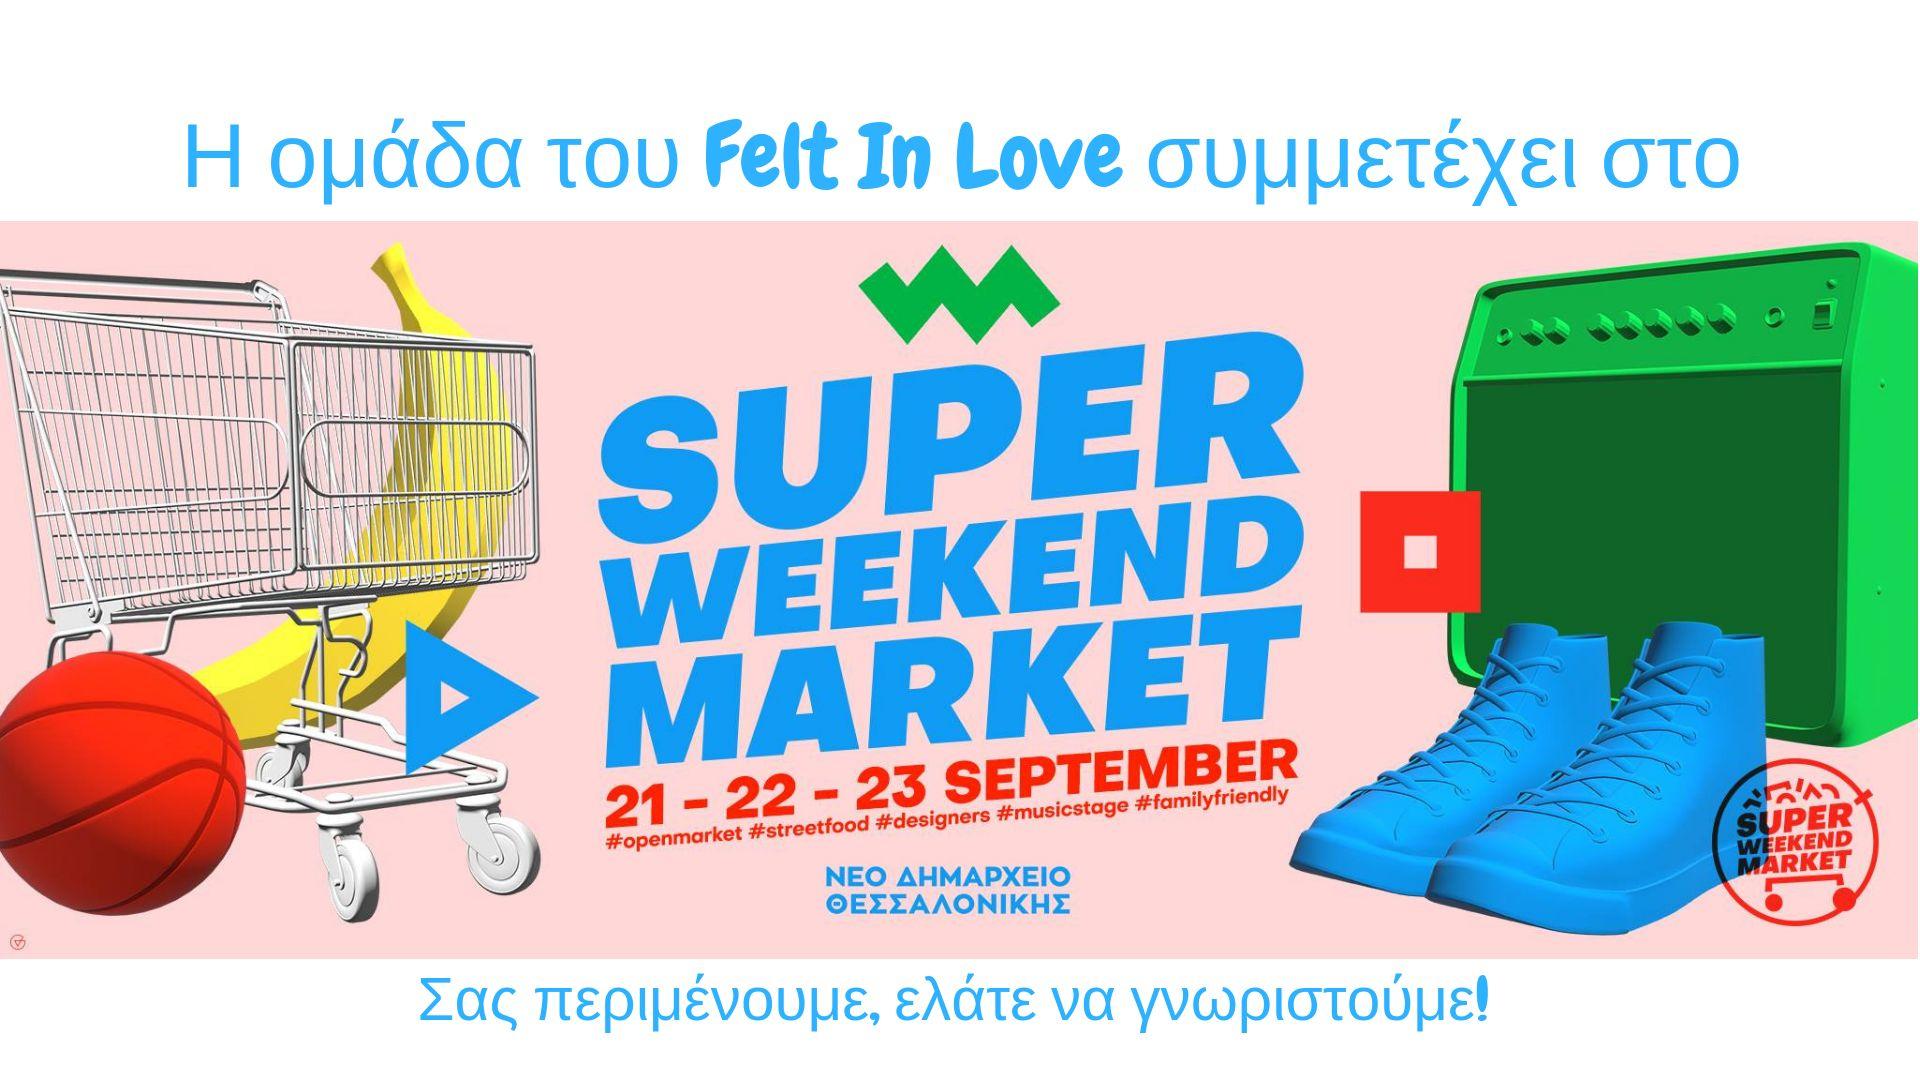 Σας περιμένουμε @Super Weekend Market